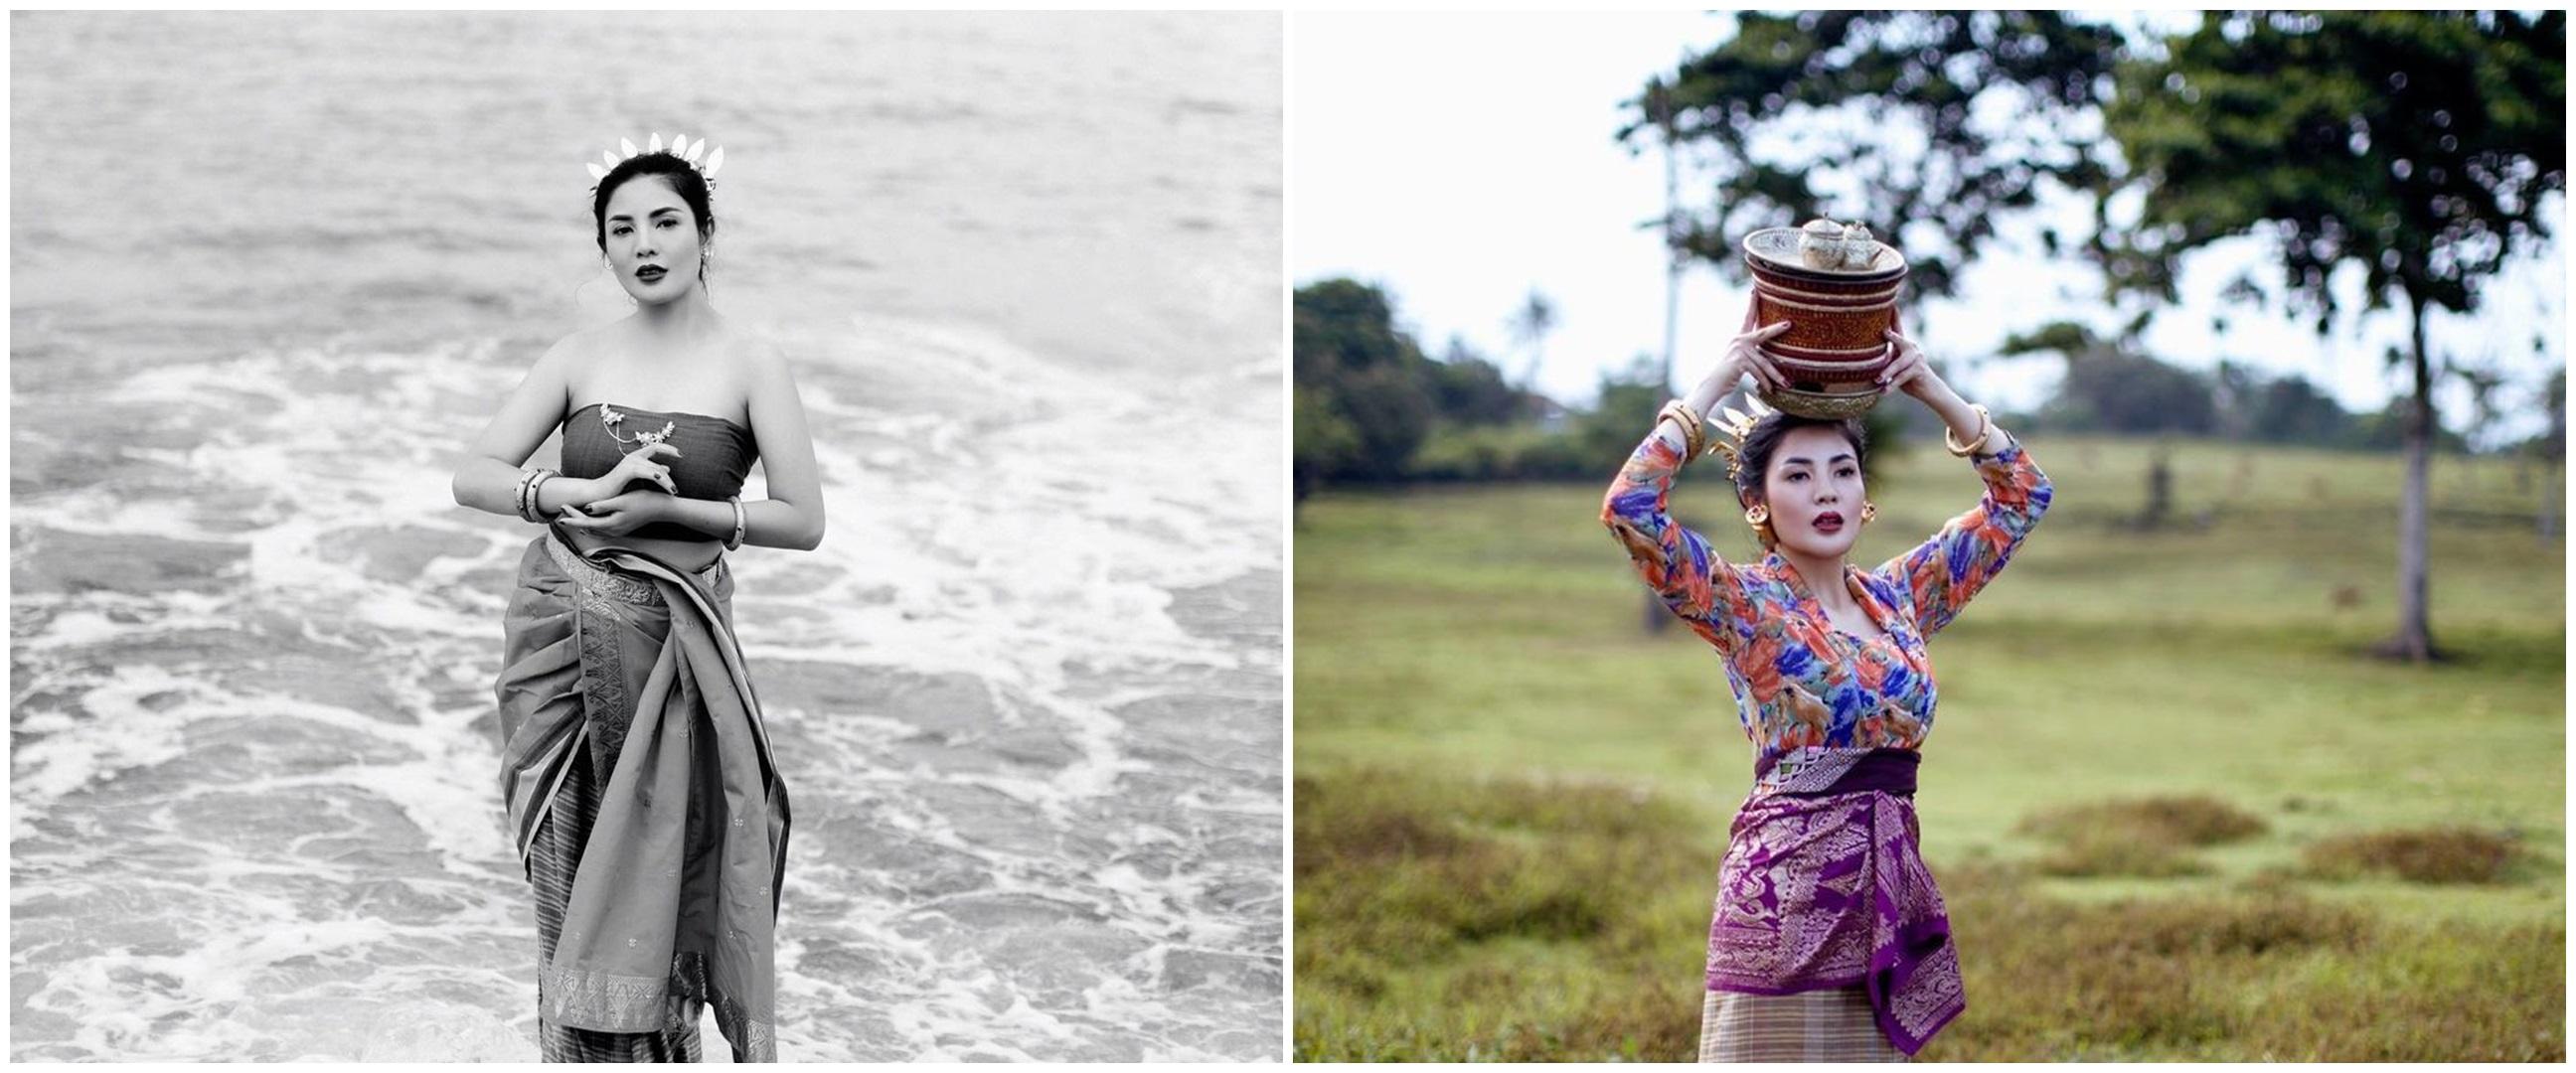 8 Pesona Nindy Ayunda pemotretan kenakan busana adat Bali